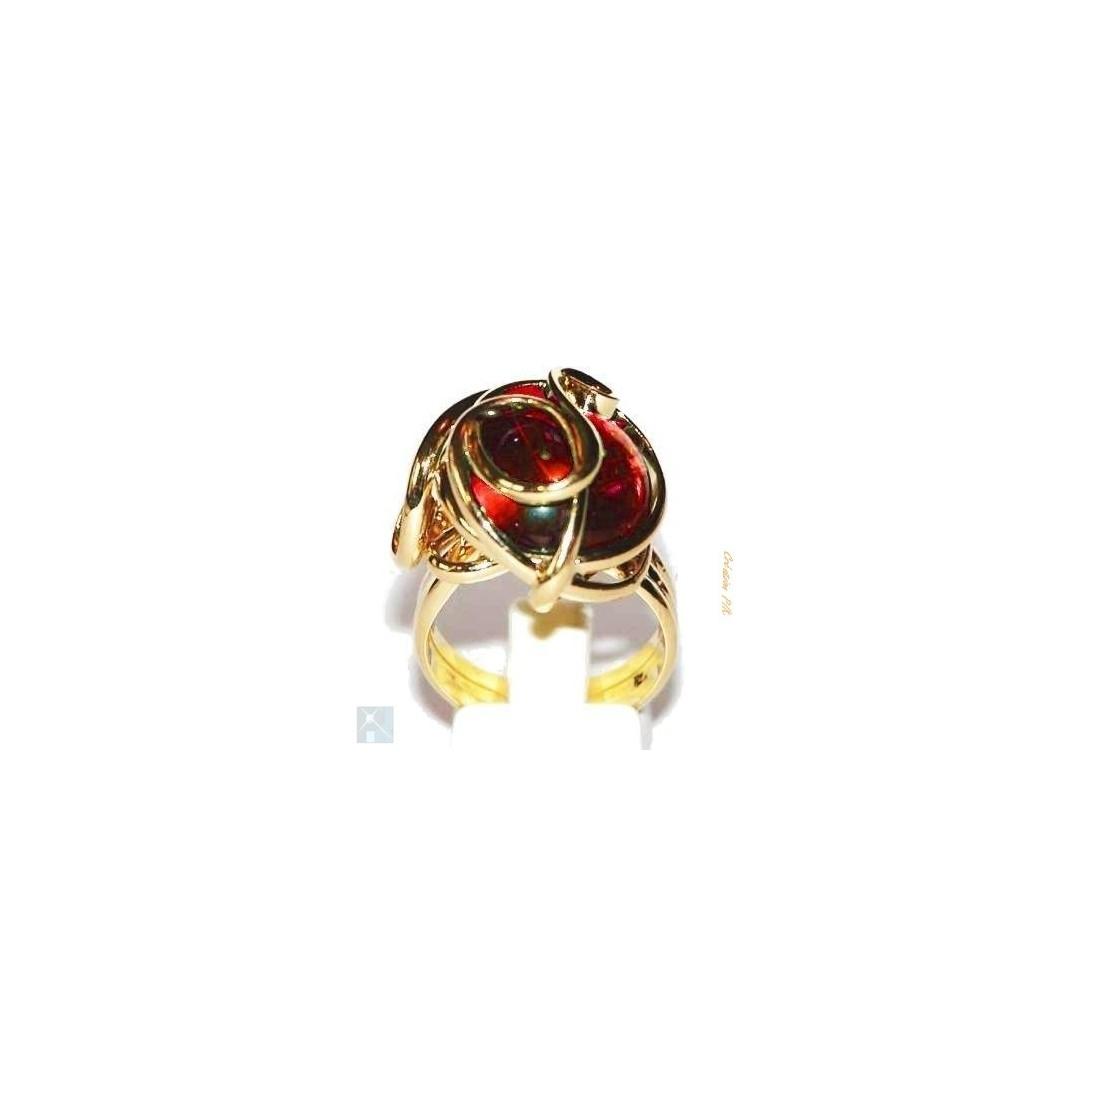 Bague dorée avec une pierre rouge rubis. Création artisanale française.